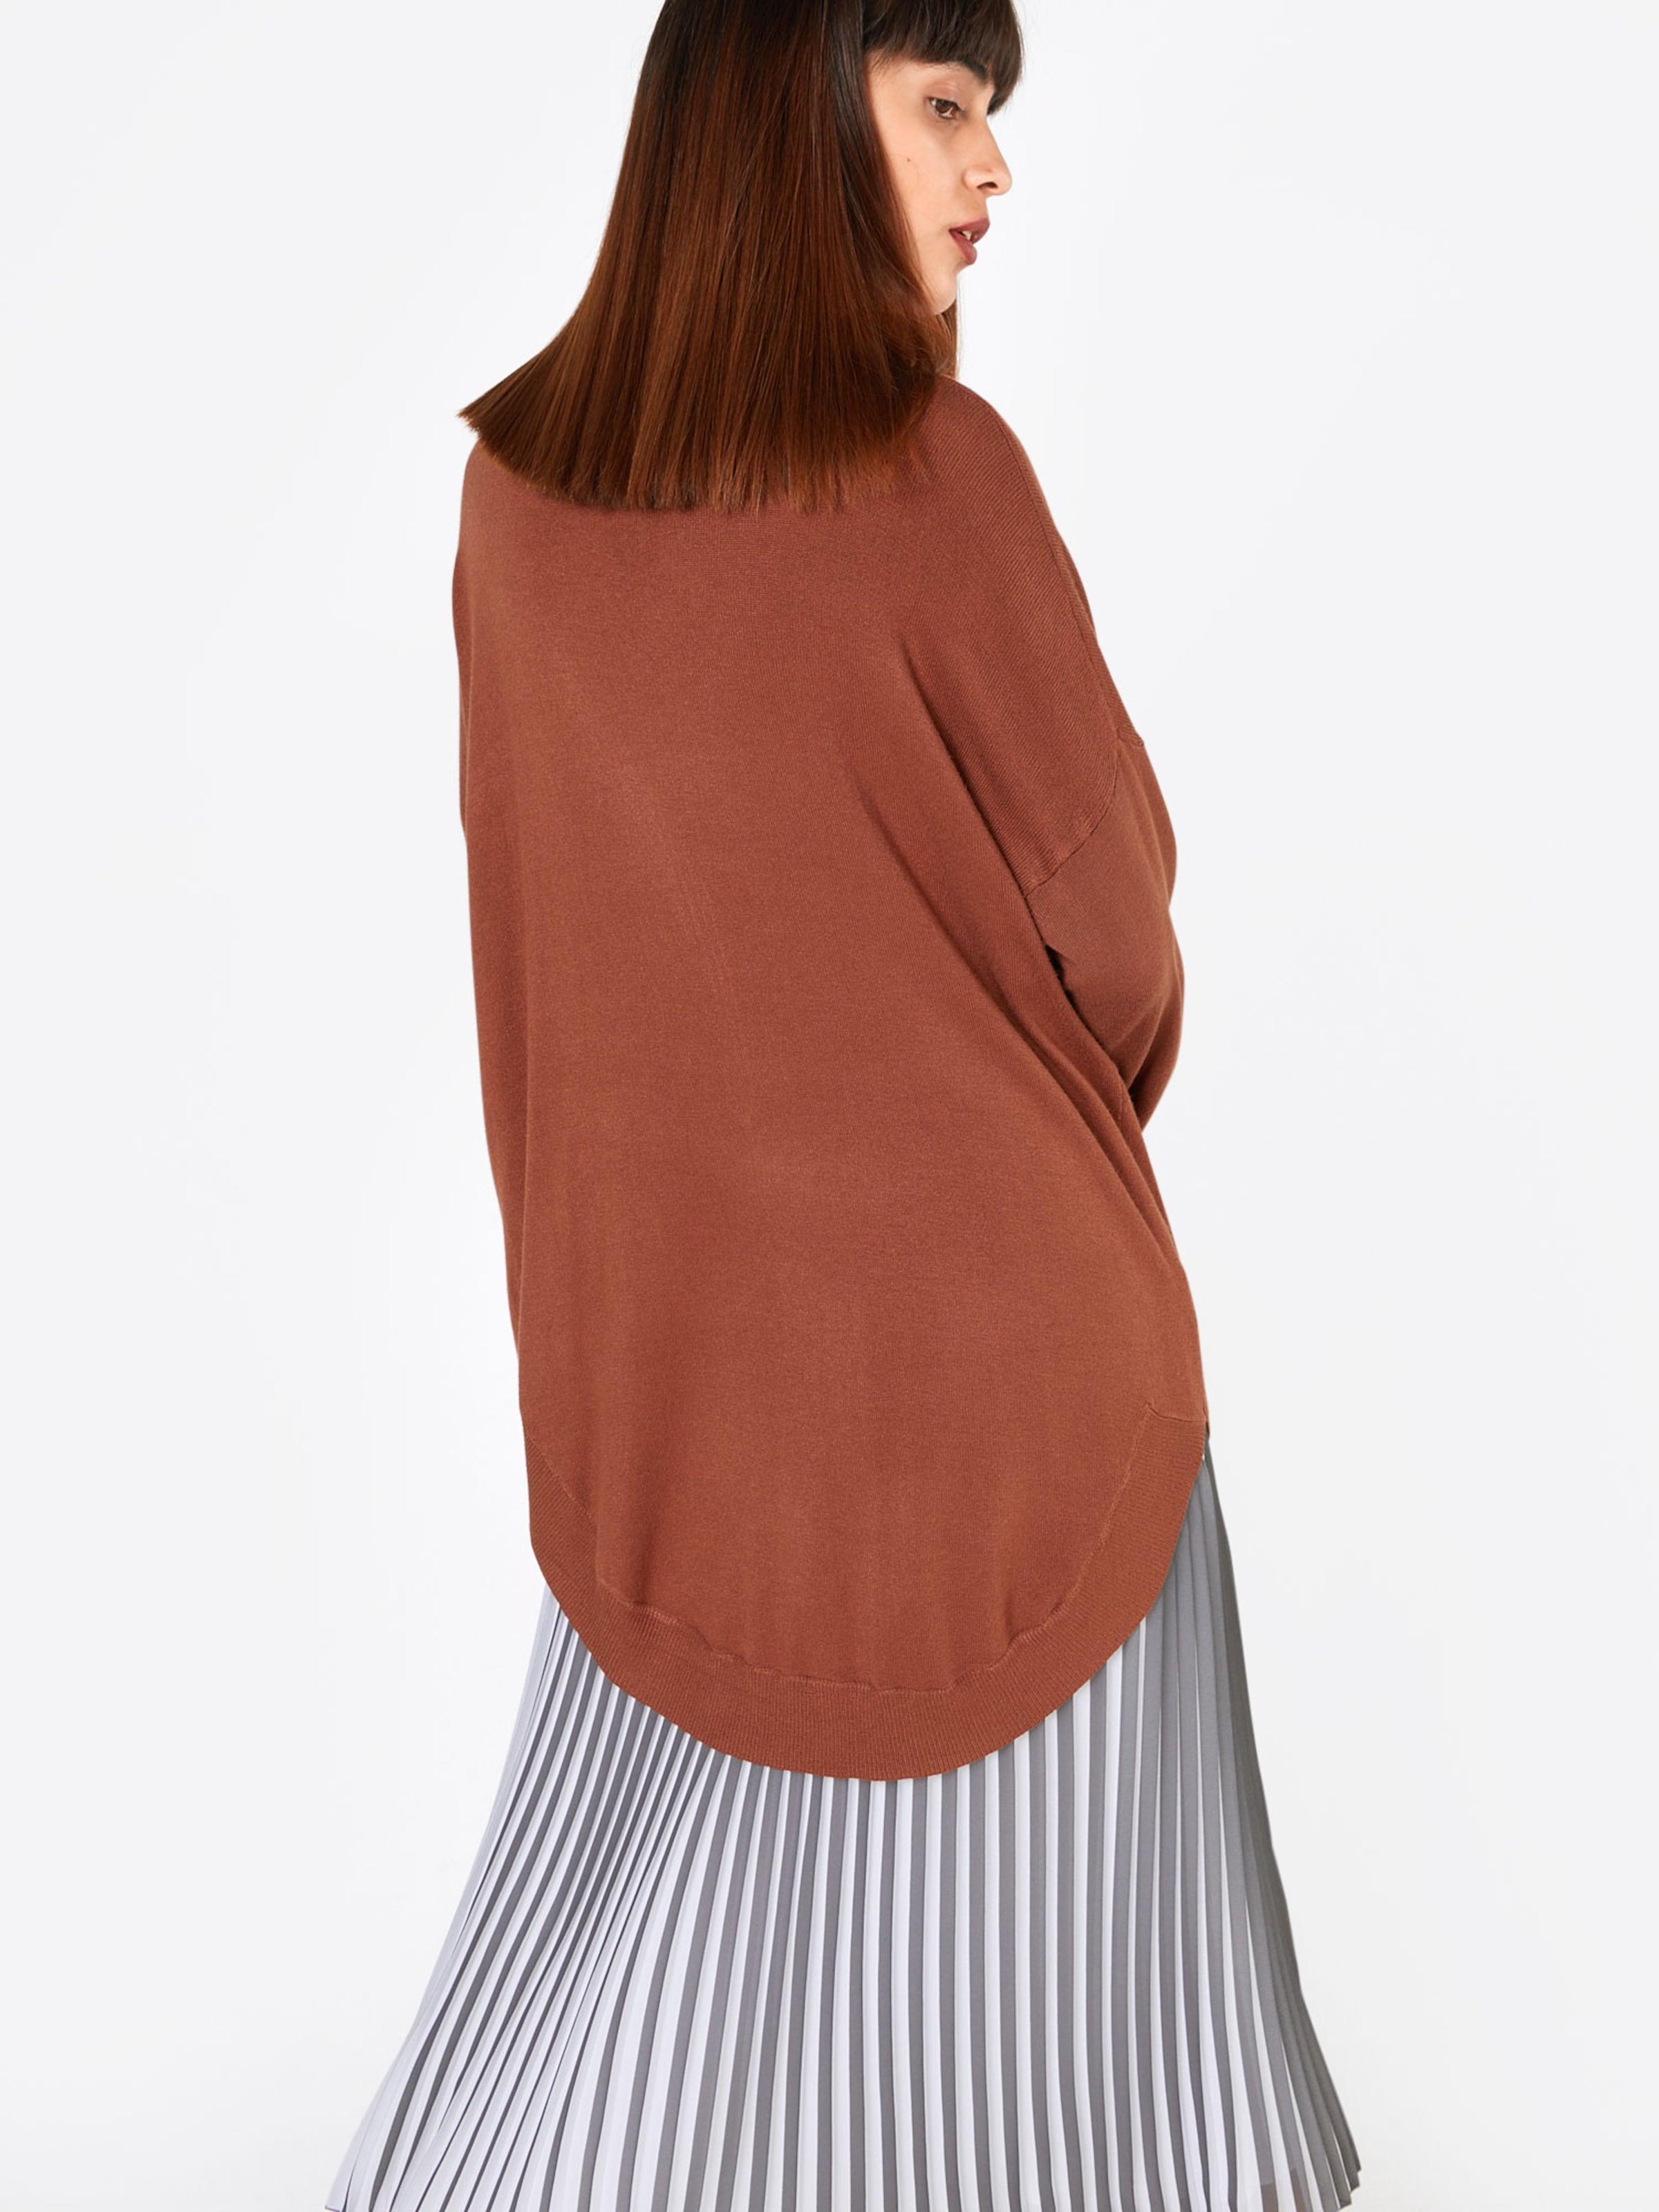 Verkauf Breite Palette Von Blend She Pullover 'Sabina L pu' Verkauf Mit Mastercard 3LEfm7d2bK